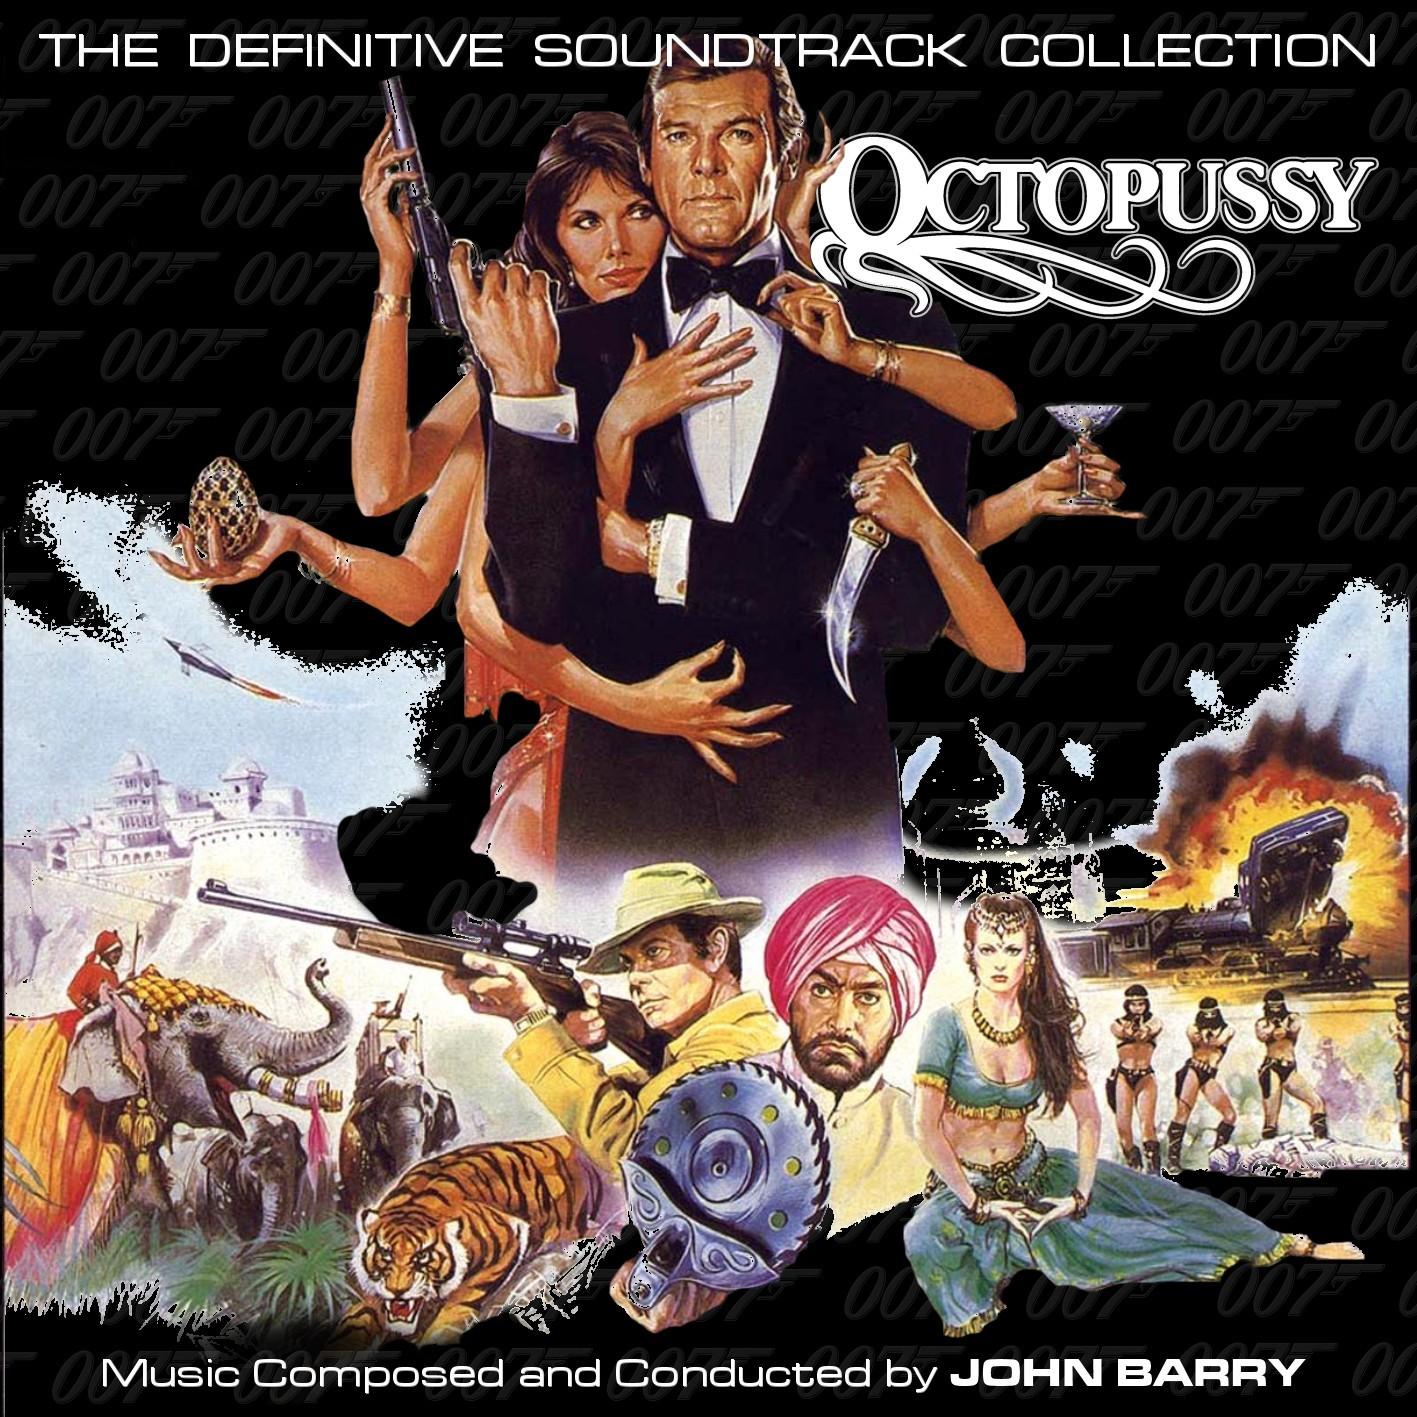 Zeichen der Endzeit - Seite 8 %5BAllCDCovers%5D_soundtrack_octopussy_2003_custom_cd-front